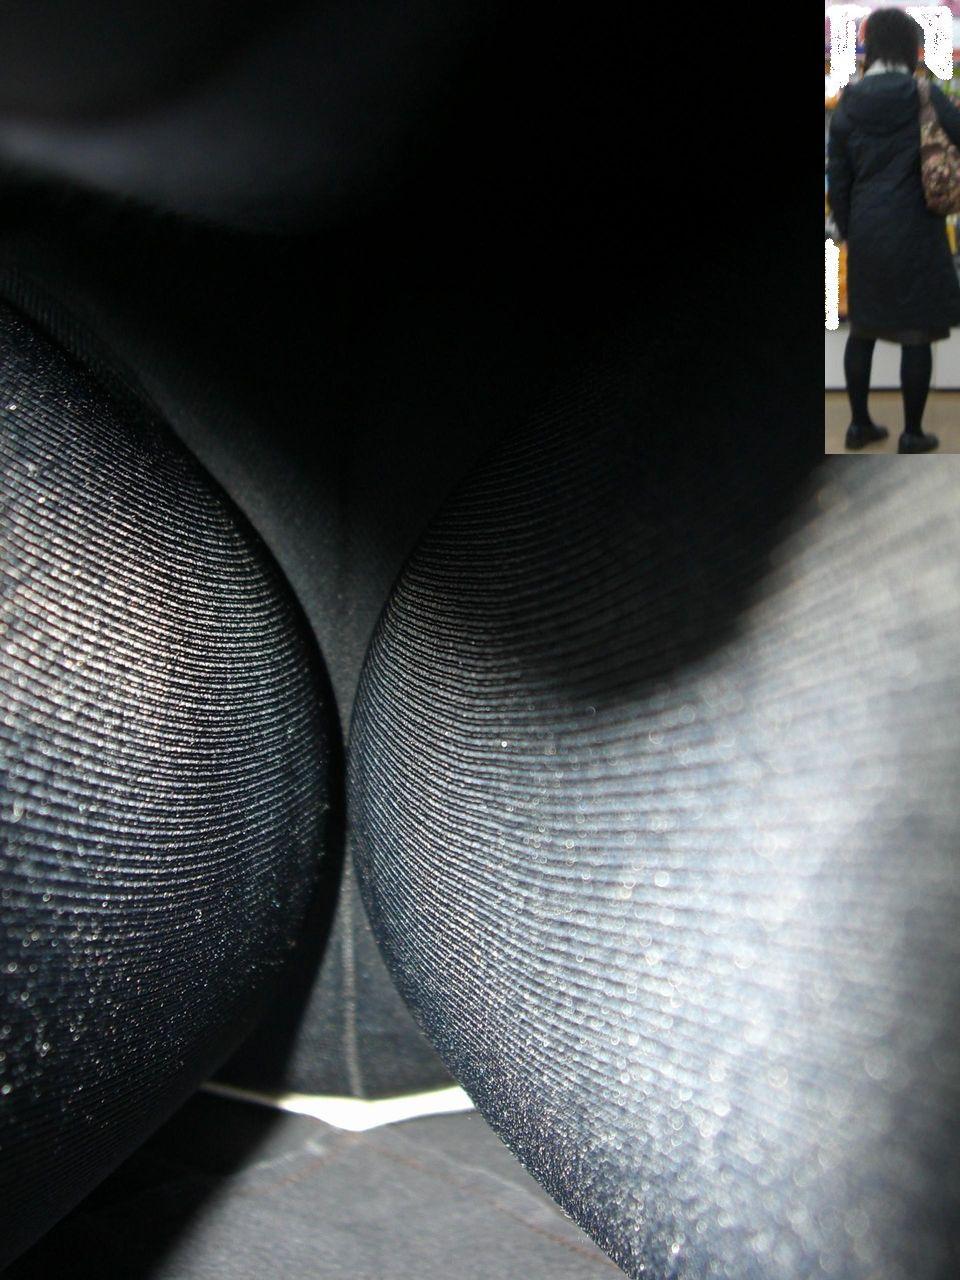 立ち読みするOLのタイトスカートを逆さ盗撮画像11枚目